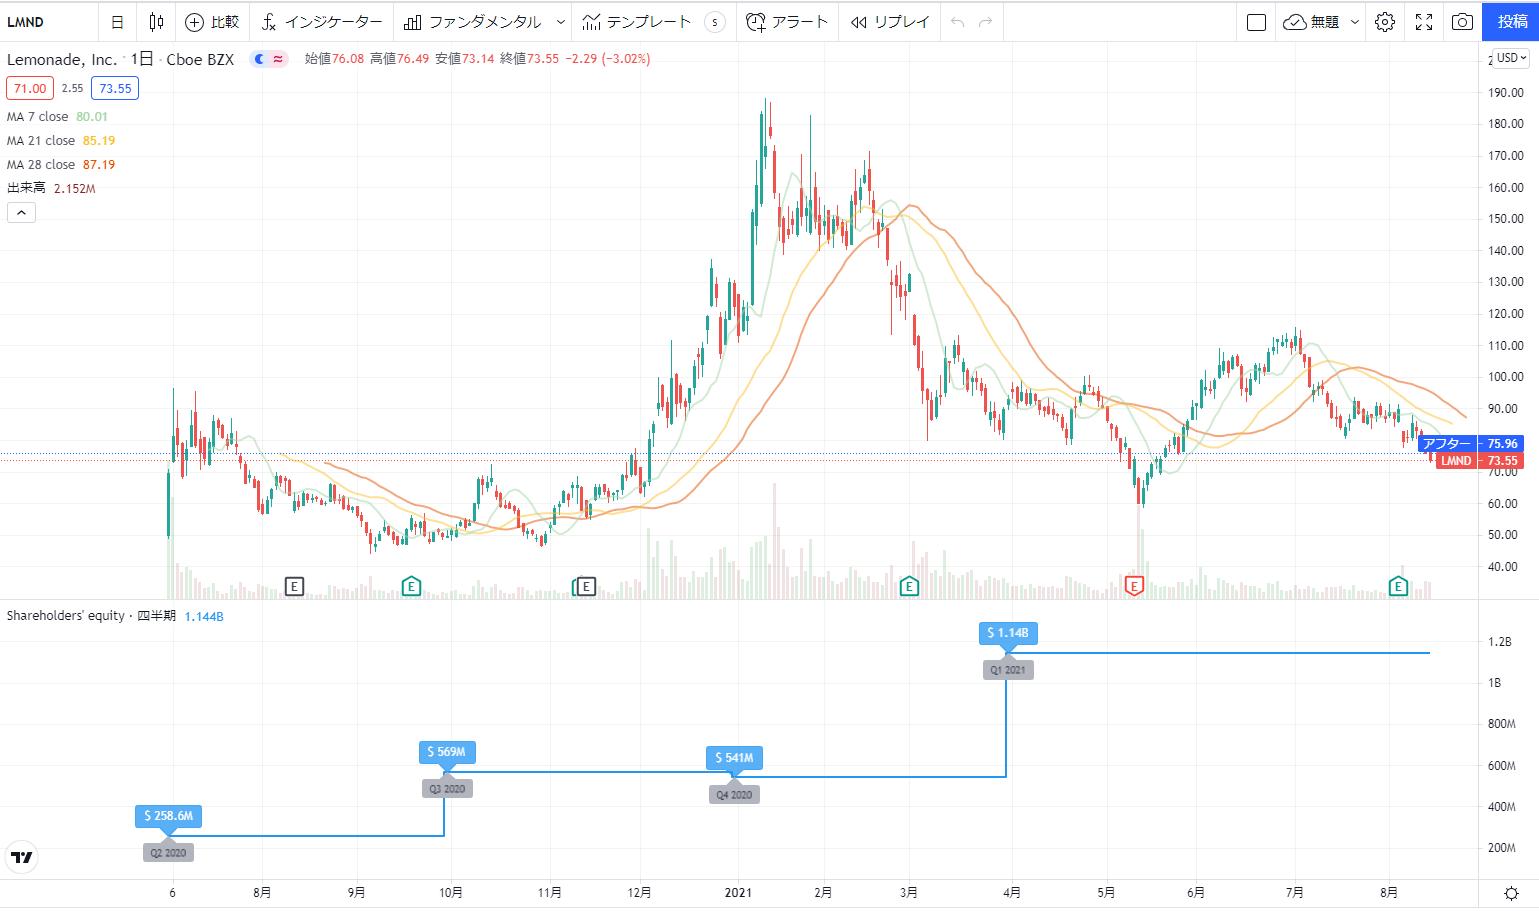 米国アメリカ株おすすめ新規上場銘柄(IPO)2020の15位:レモネード LMND株価チャート